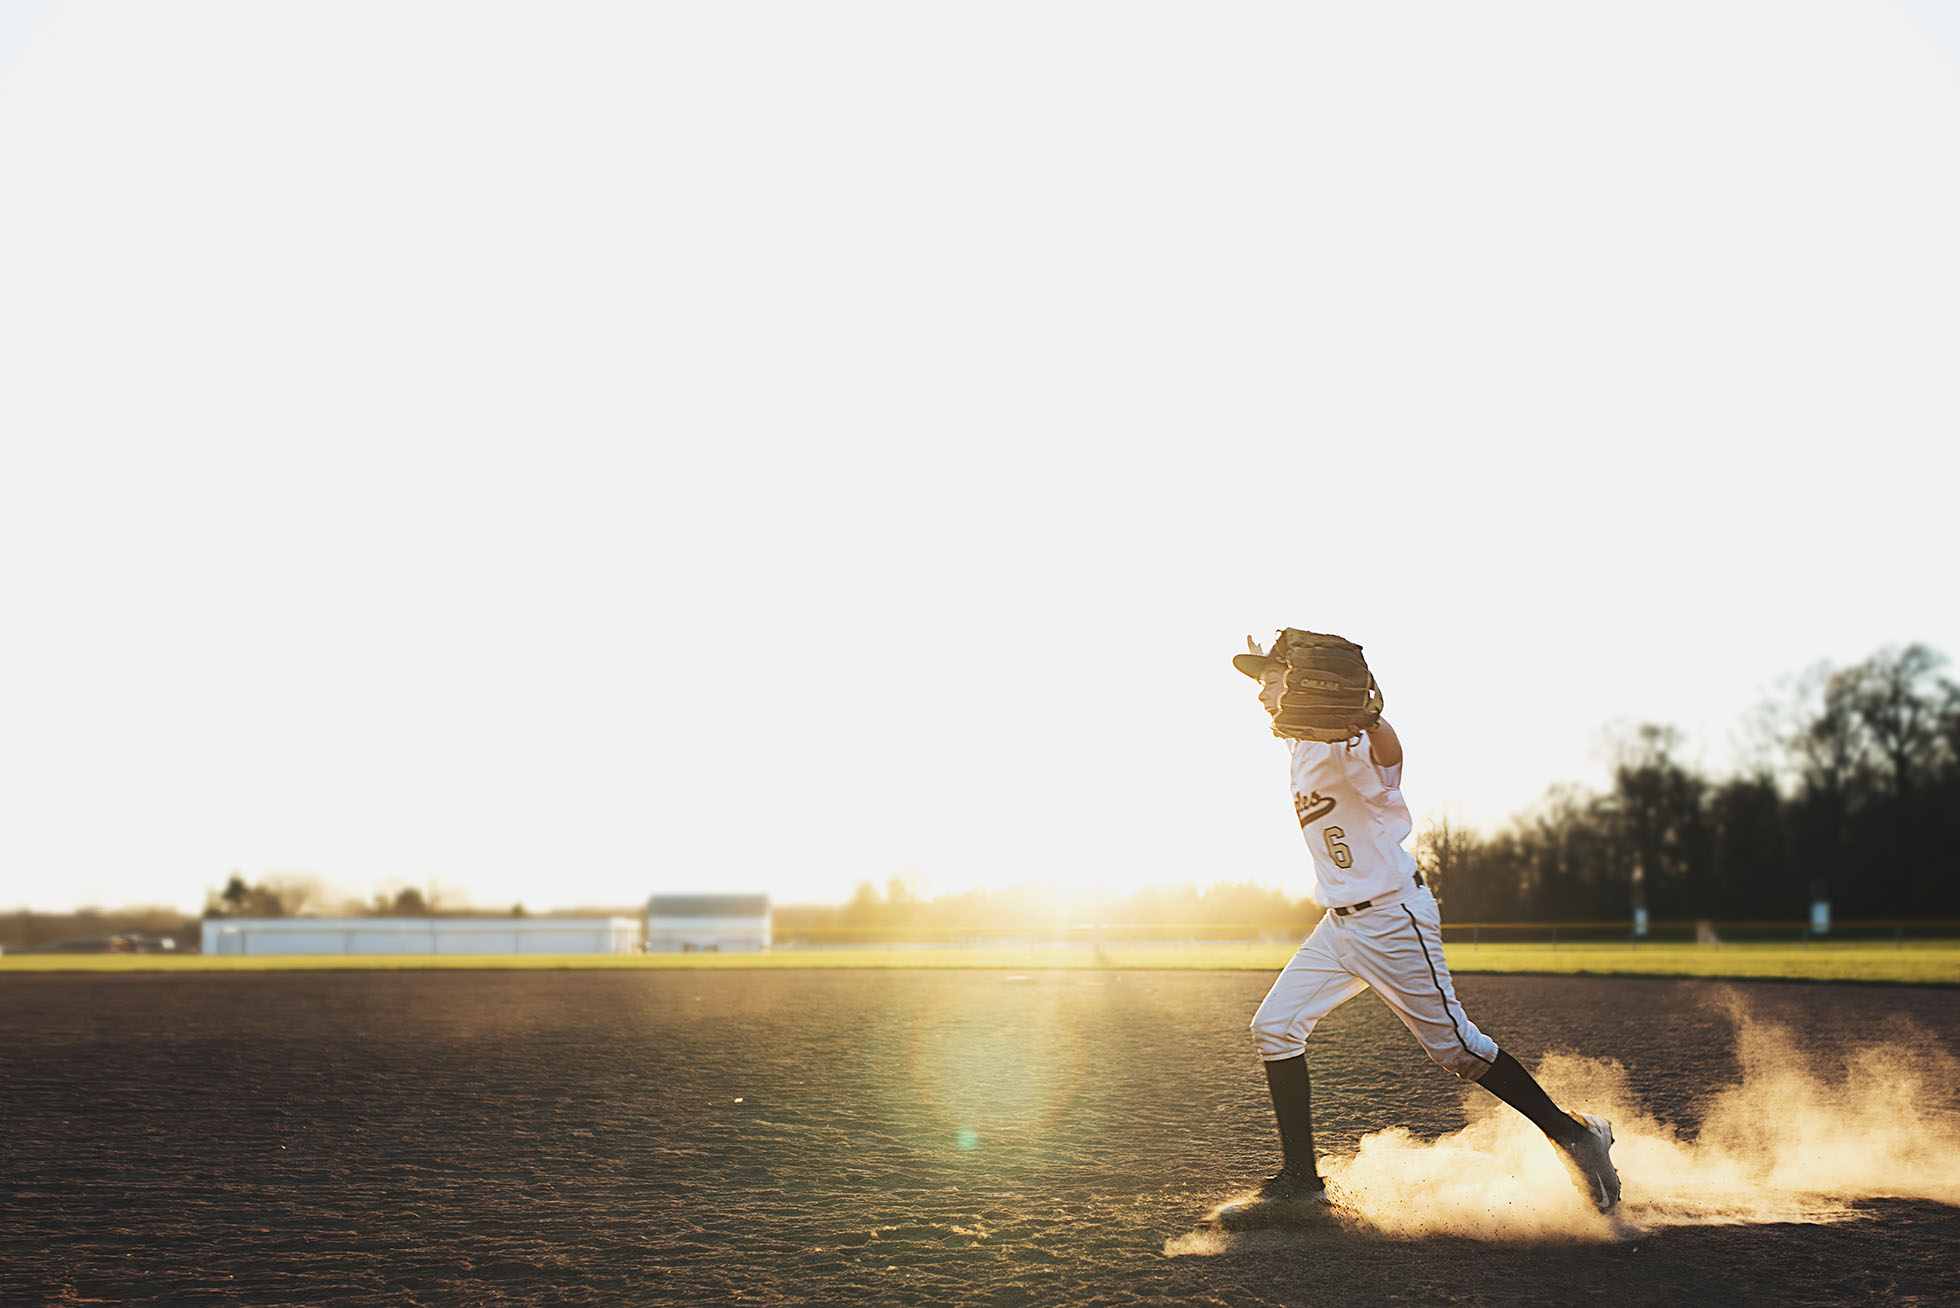 baseball player running across field freezing motion kellie bieser